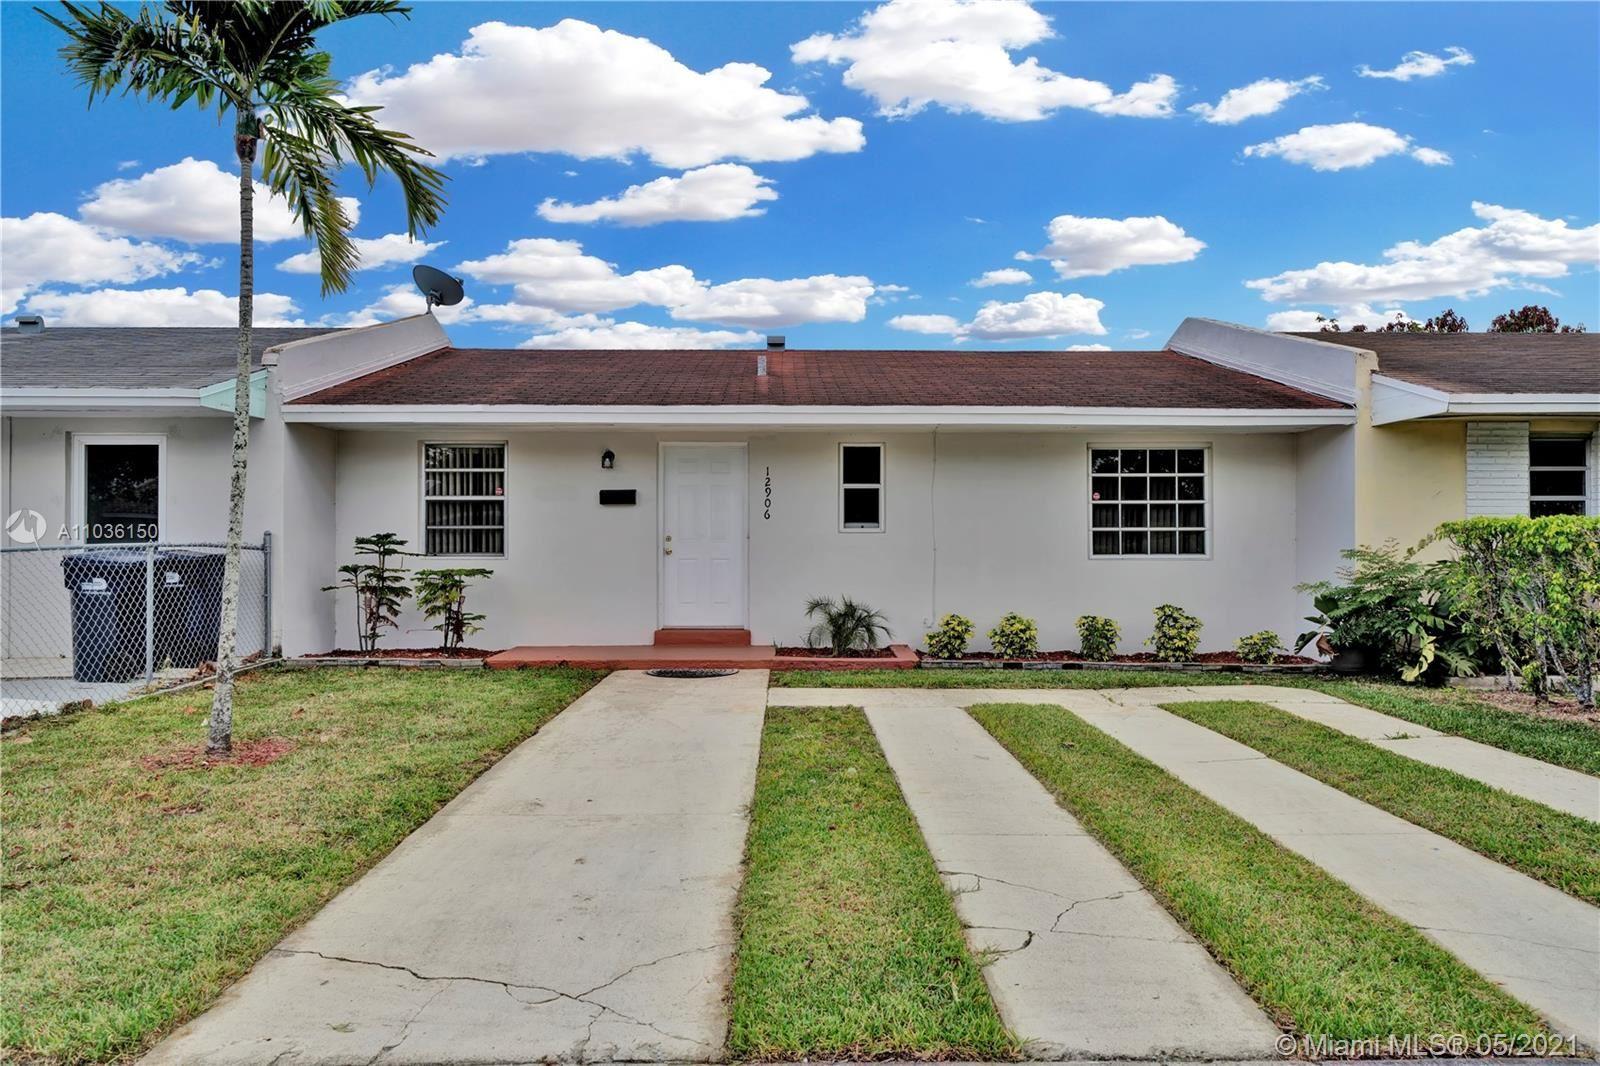 12906 SW 51st St #12906, Miami, FL 33175 - #: A11036150